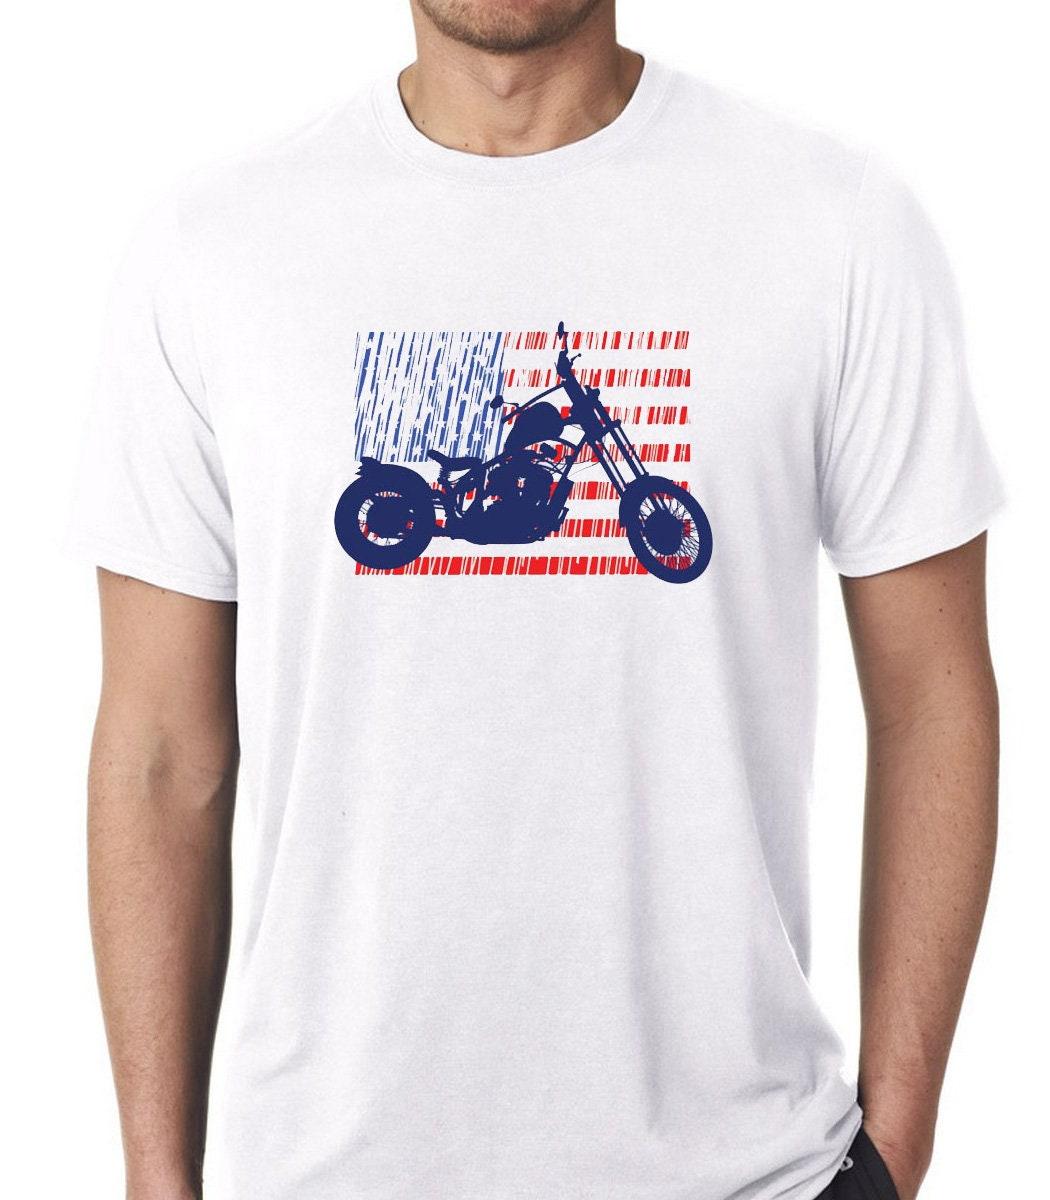 Ride Or Die nous drapeau - Custom Bike - - Bike moto - né pour conduire - café Racer - moto classique - Vintage moto - motard - hommes T shirt 56f499